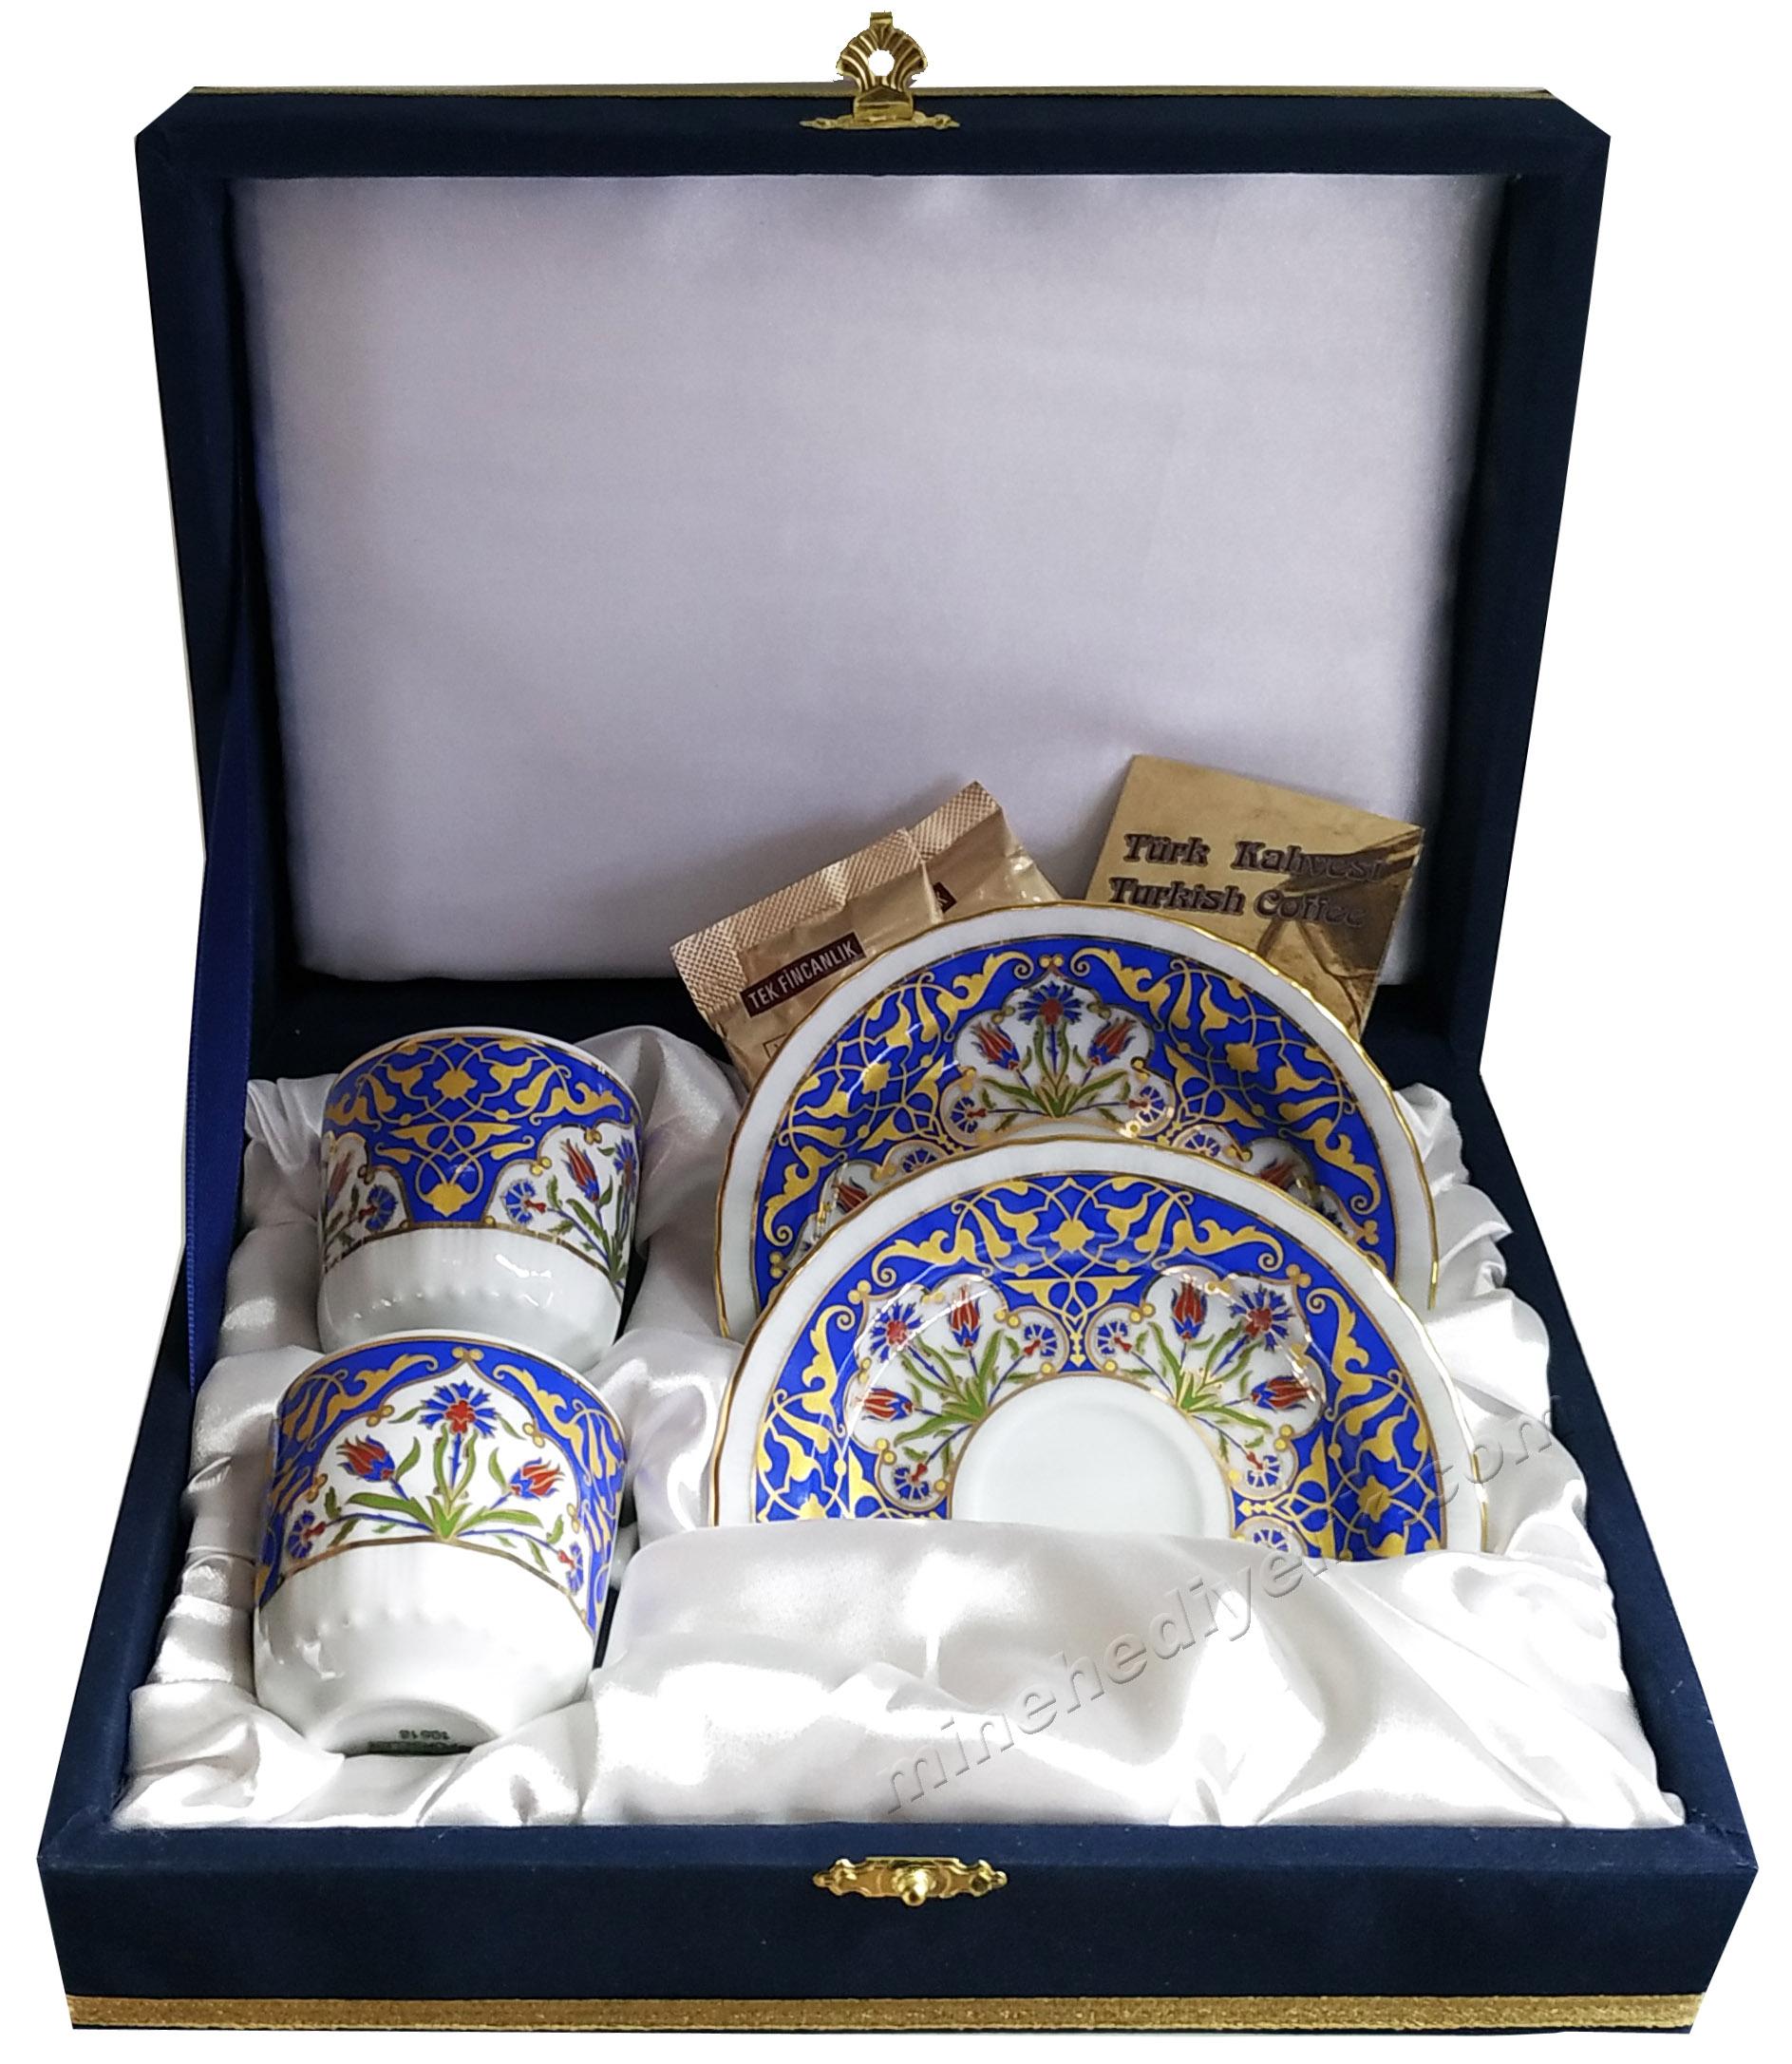 Kaliteli Kişilik Kahve Fincan Setleri Özel Tasarım Kutularda Yeni Model Fincanlar Türk Kahvesi 2 li fincanlar